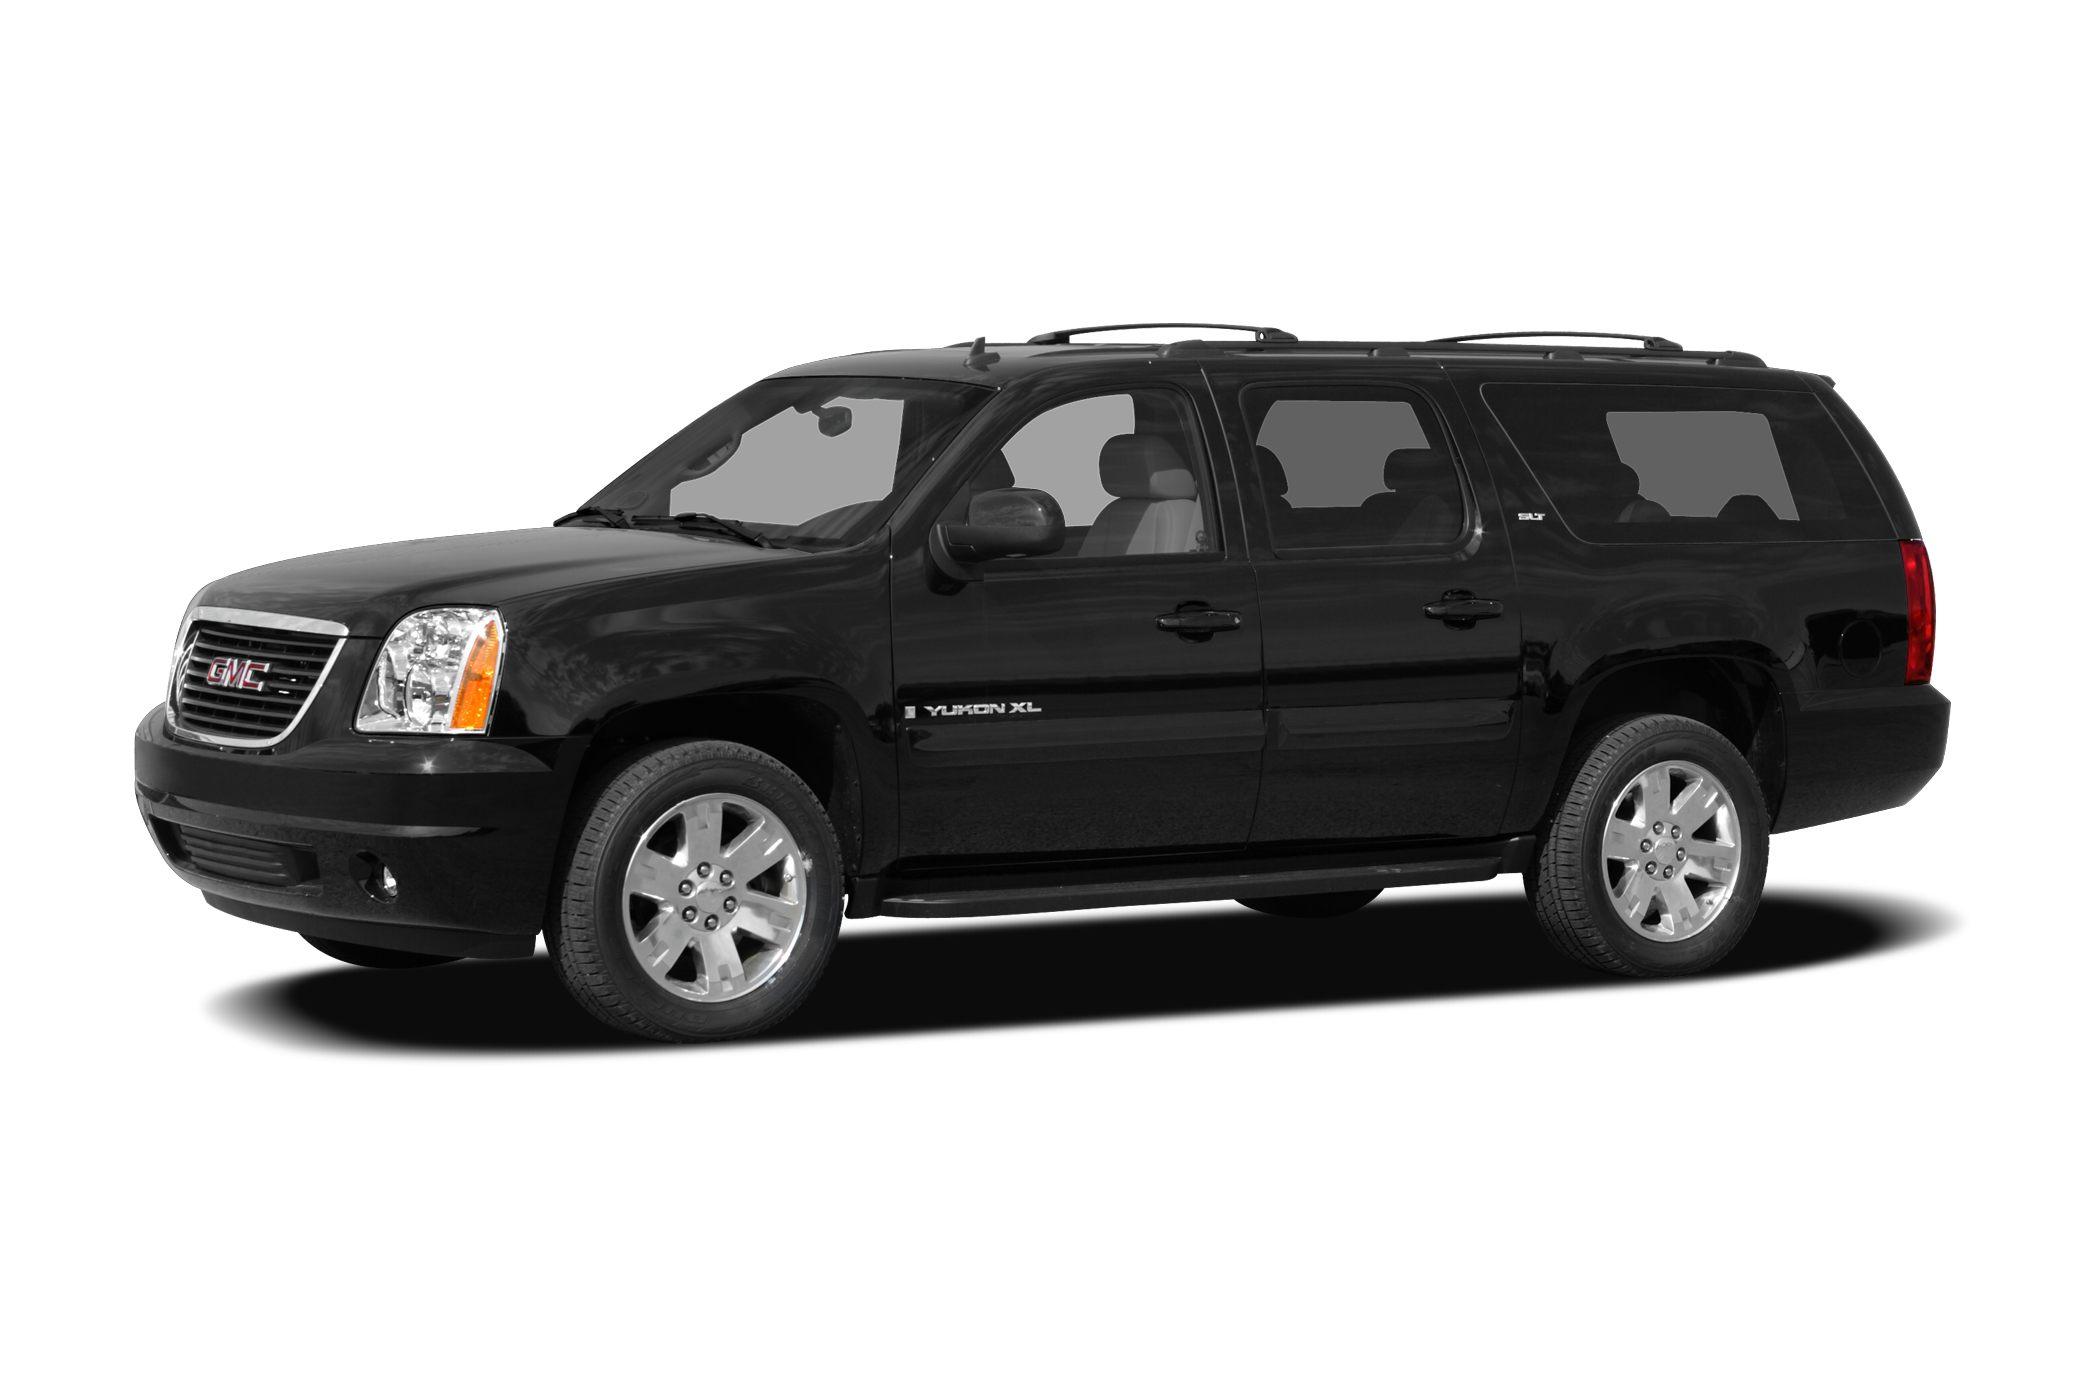 2009 GMC Yukon XL 1500